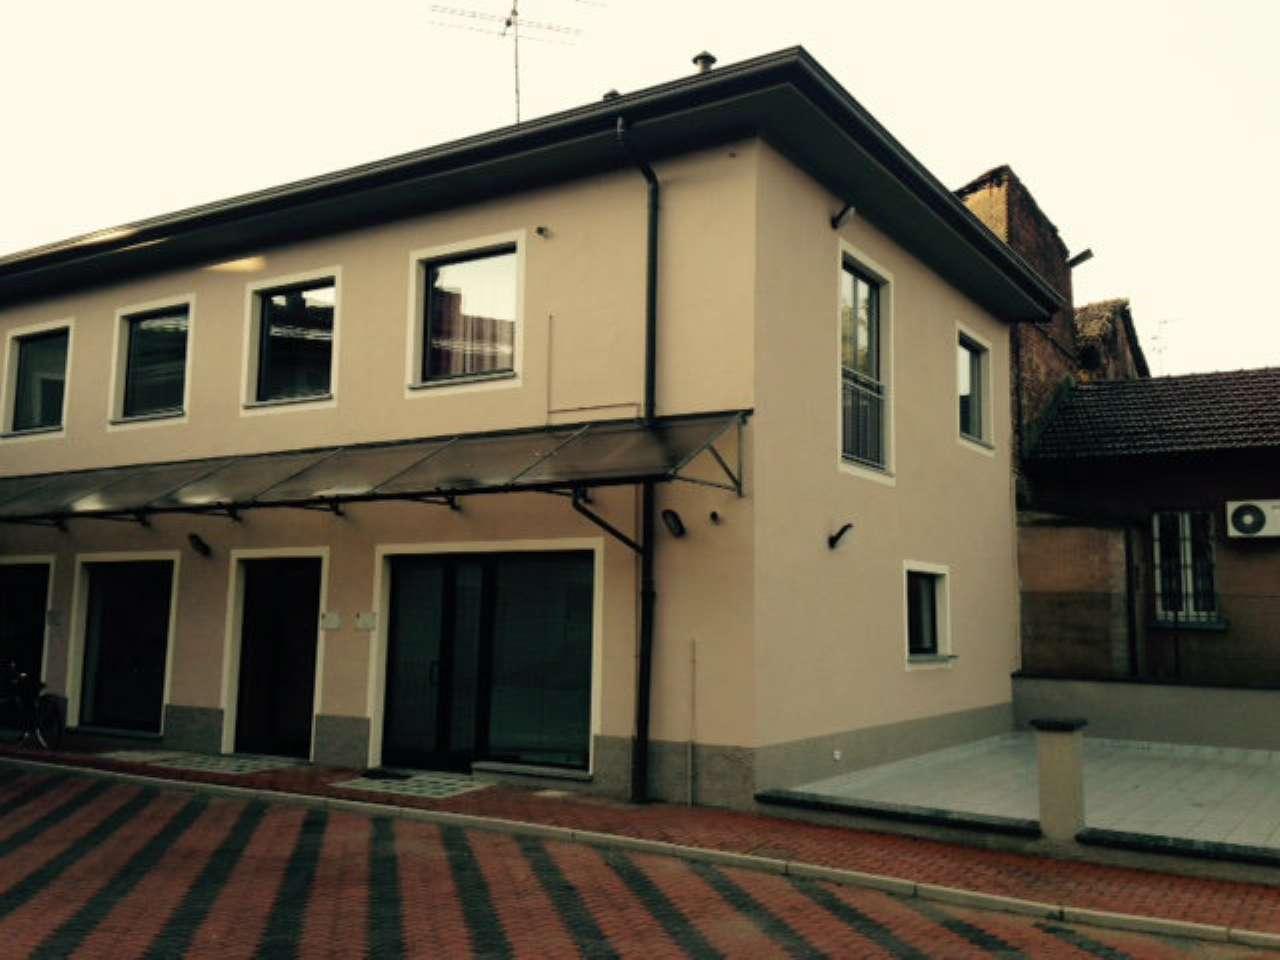 Ufficio / Studio in affitto a Treviglio, 1 locali, prezzo € 1.000 | CambioCasa.it